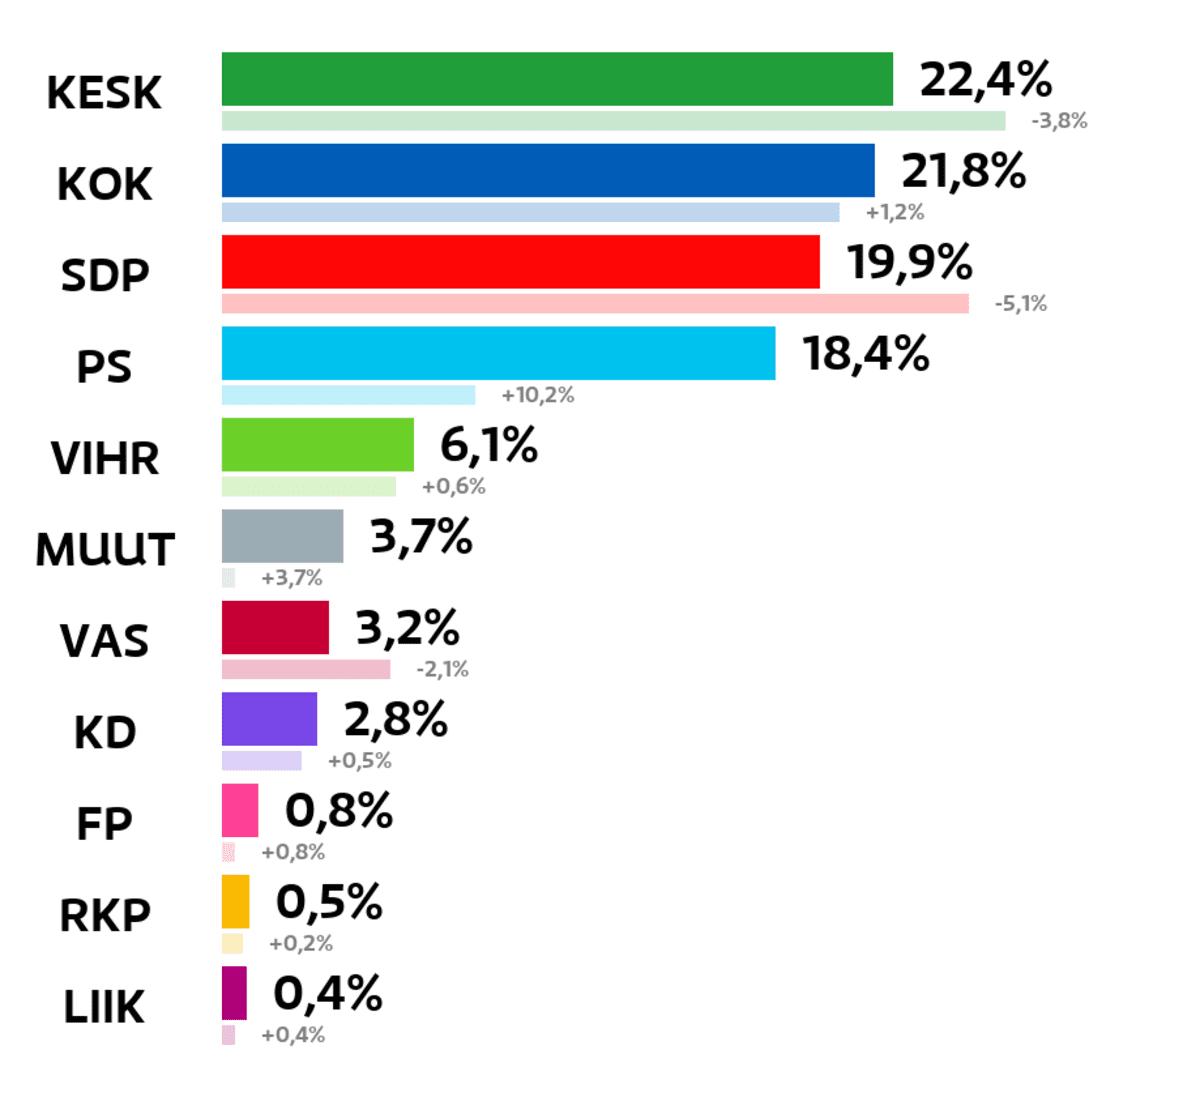 Mäntsälä: Kuntavaalien tulos (%) Keskusta: 22,4 prosenttia Kokoomus: 21,8 prosenttia SDP: 19,9 prosenttia Perussuomalaiset: 18,4 prosenttia Vihreät: 6,1 prosenttia Muut ryhmät: 3,7 prosenttia Vasemmistoliitto: 3,2 prosenttia Kristillisdemokraatit: 2,8 prosenttia Feministinen puolue: 0,8 prosenttia RKP: 0,5 prosenttia Liike Nyt: 0,4 prosenttia